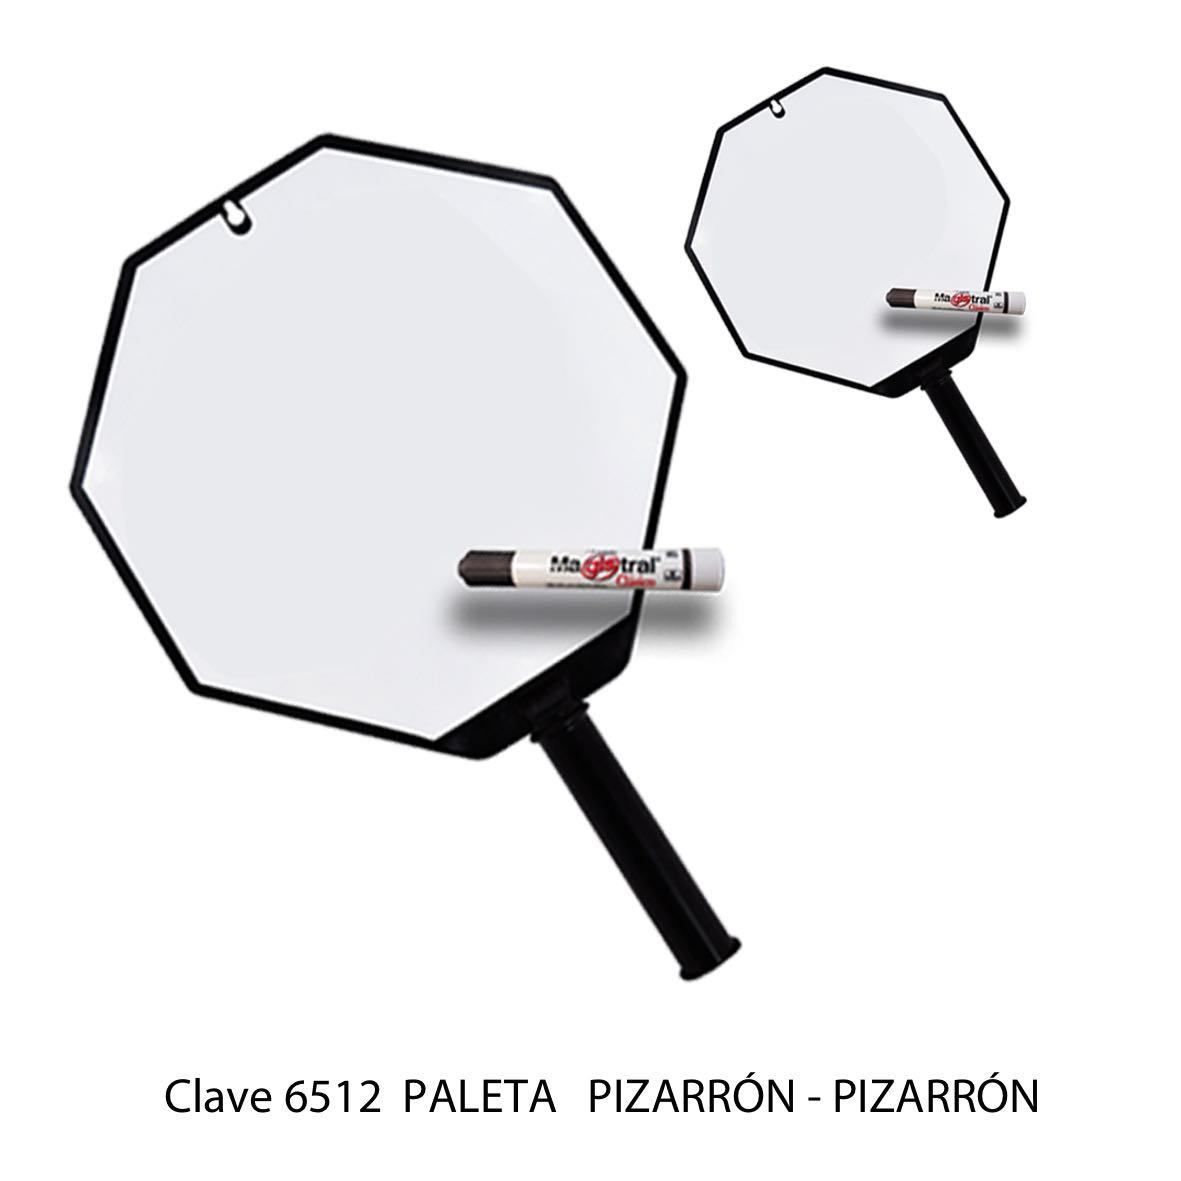 Paleta con Pizarrón Modelo 6512 - Sablón